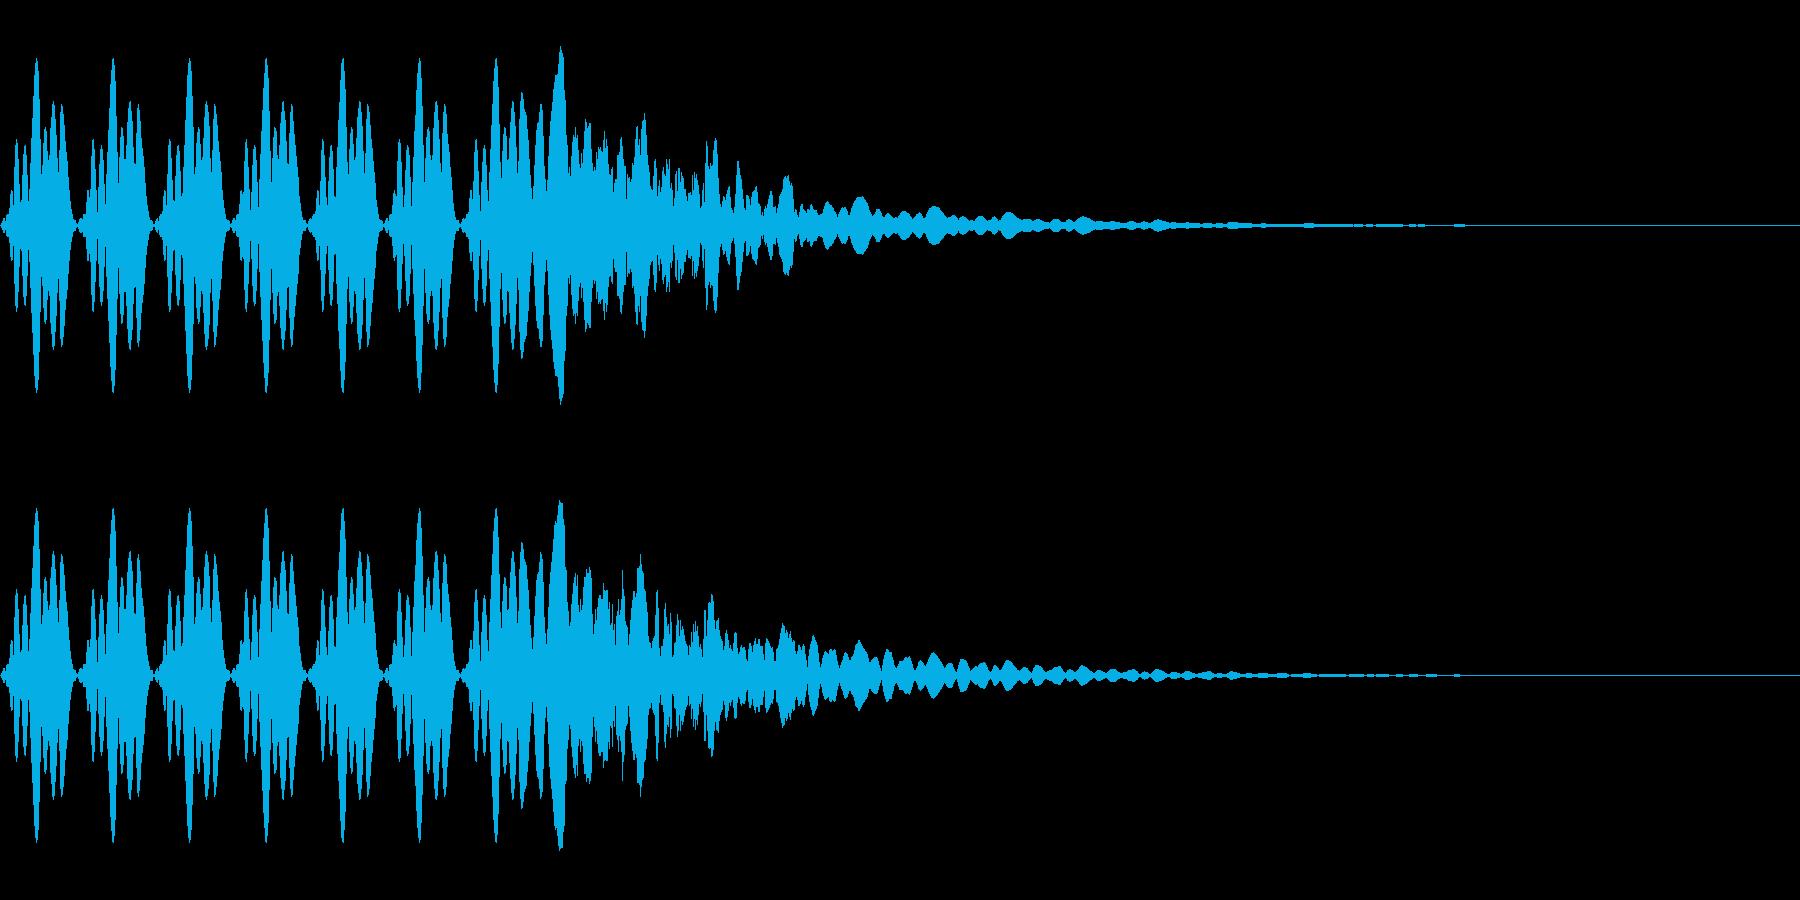 連続でパチンコで鳴りそうなキュイーンの再生済みの波形